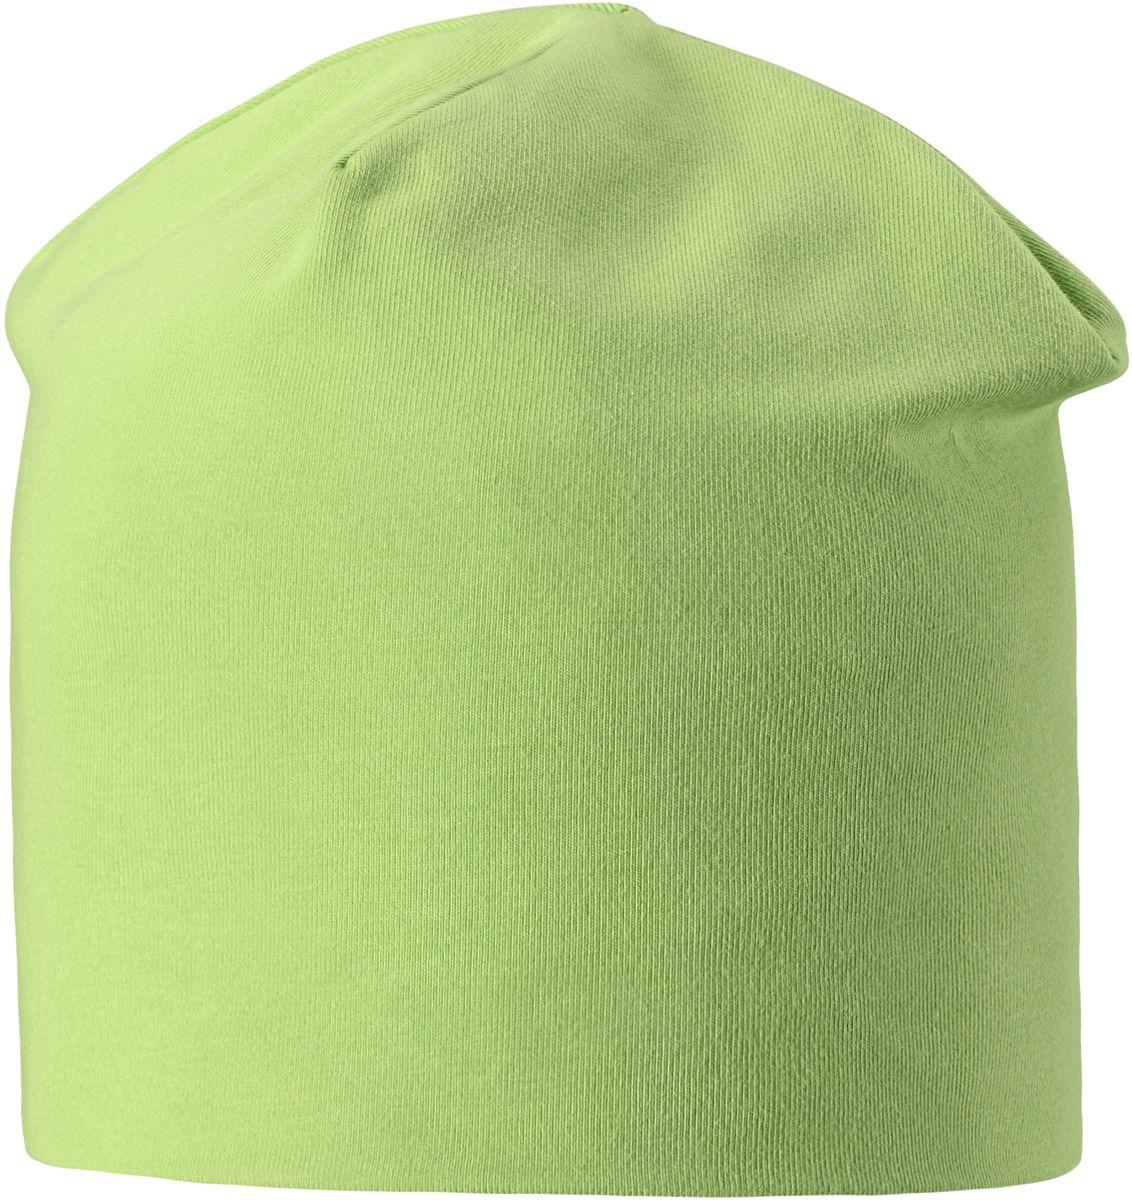 Шапка для мальчика Lassie, цвет: светло-зеленый. 7287058301. Размер 48/507287058301Легкая и удобная детская шапка в нескольких вариантах разных однотонных расцветок и ярких принтов. Шапка сделана из легкого и дышащего джерси на полной трикотажной подкладке из смесового хлопка. Ветронепроницаемые вставки в области ушей обеспечивают дополнительное утепление.